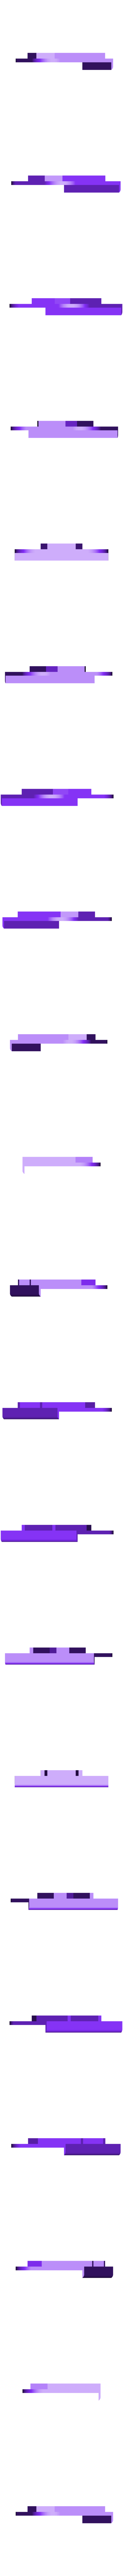 TOOTHBRUSH GUIDE (x1).stl Télécharger fichier STL gratuit Distributeur à dentifrice • Design imprimable en 3D, Anthony_SA